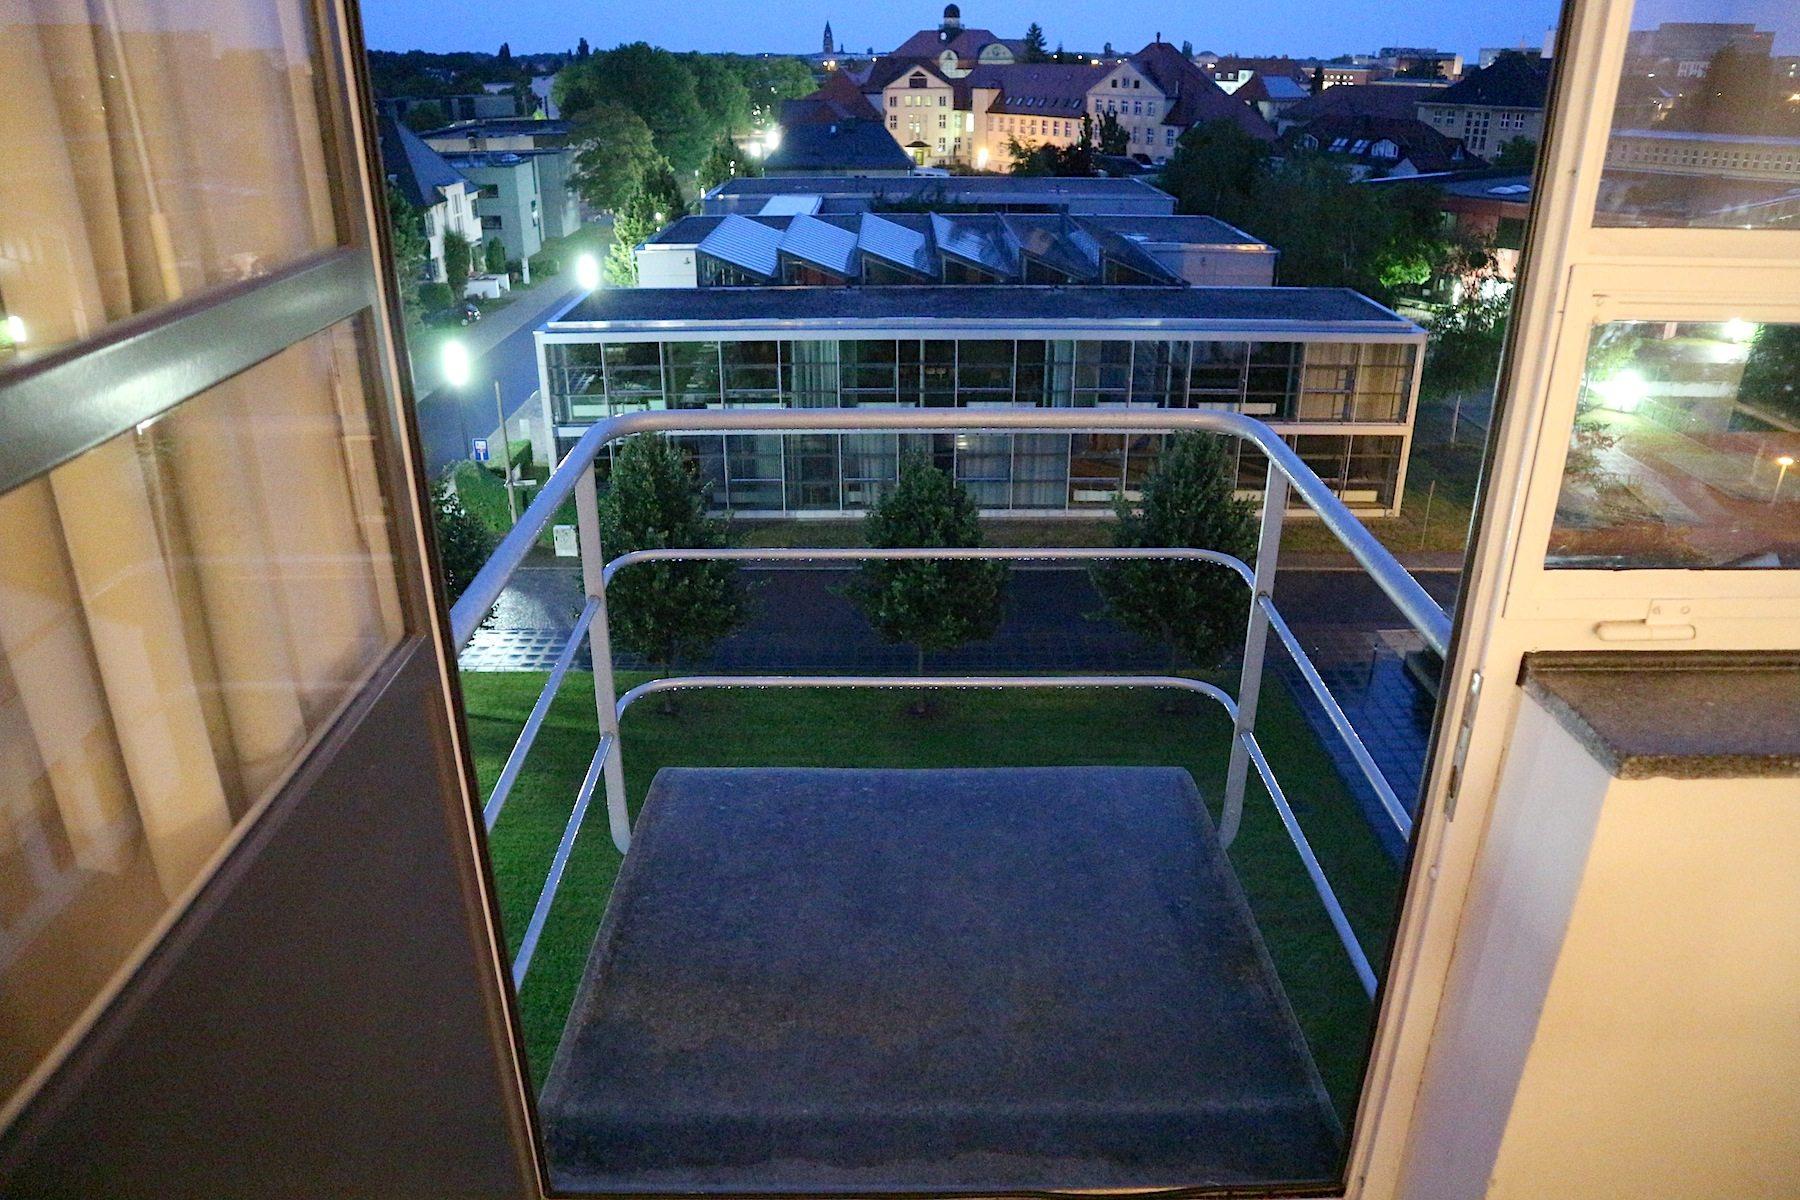 Atelierhaus am Abend.  Blick auf den Campus der Hochschule Anhalt